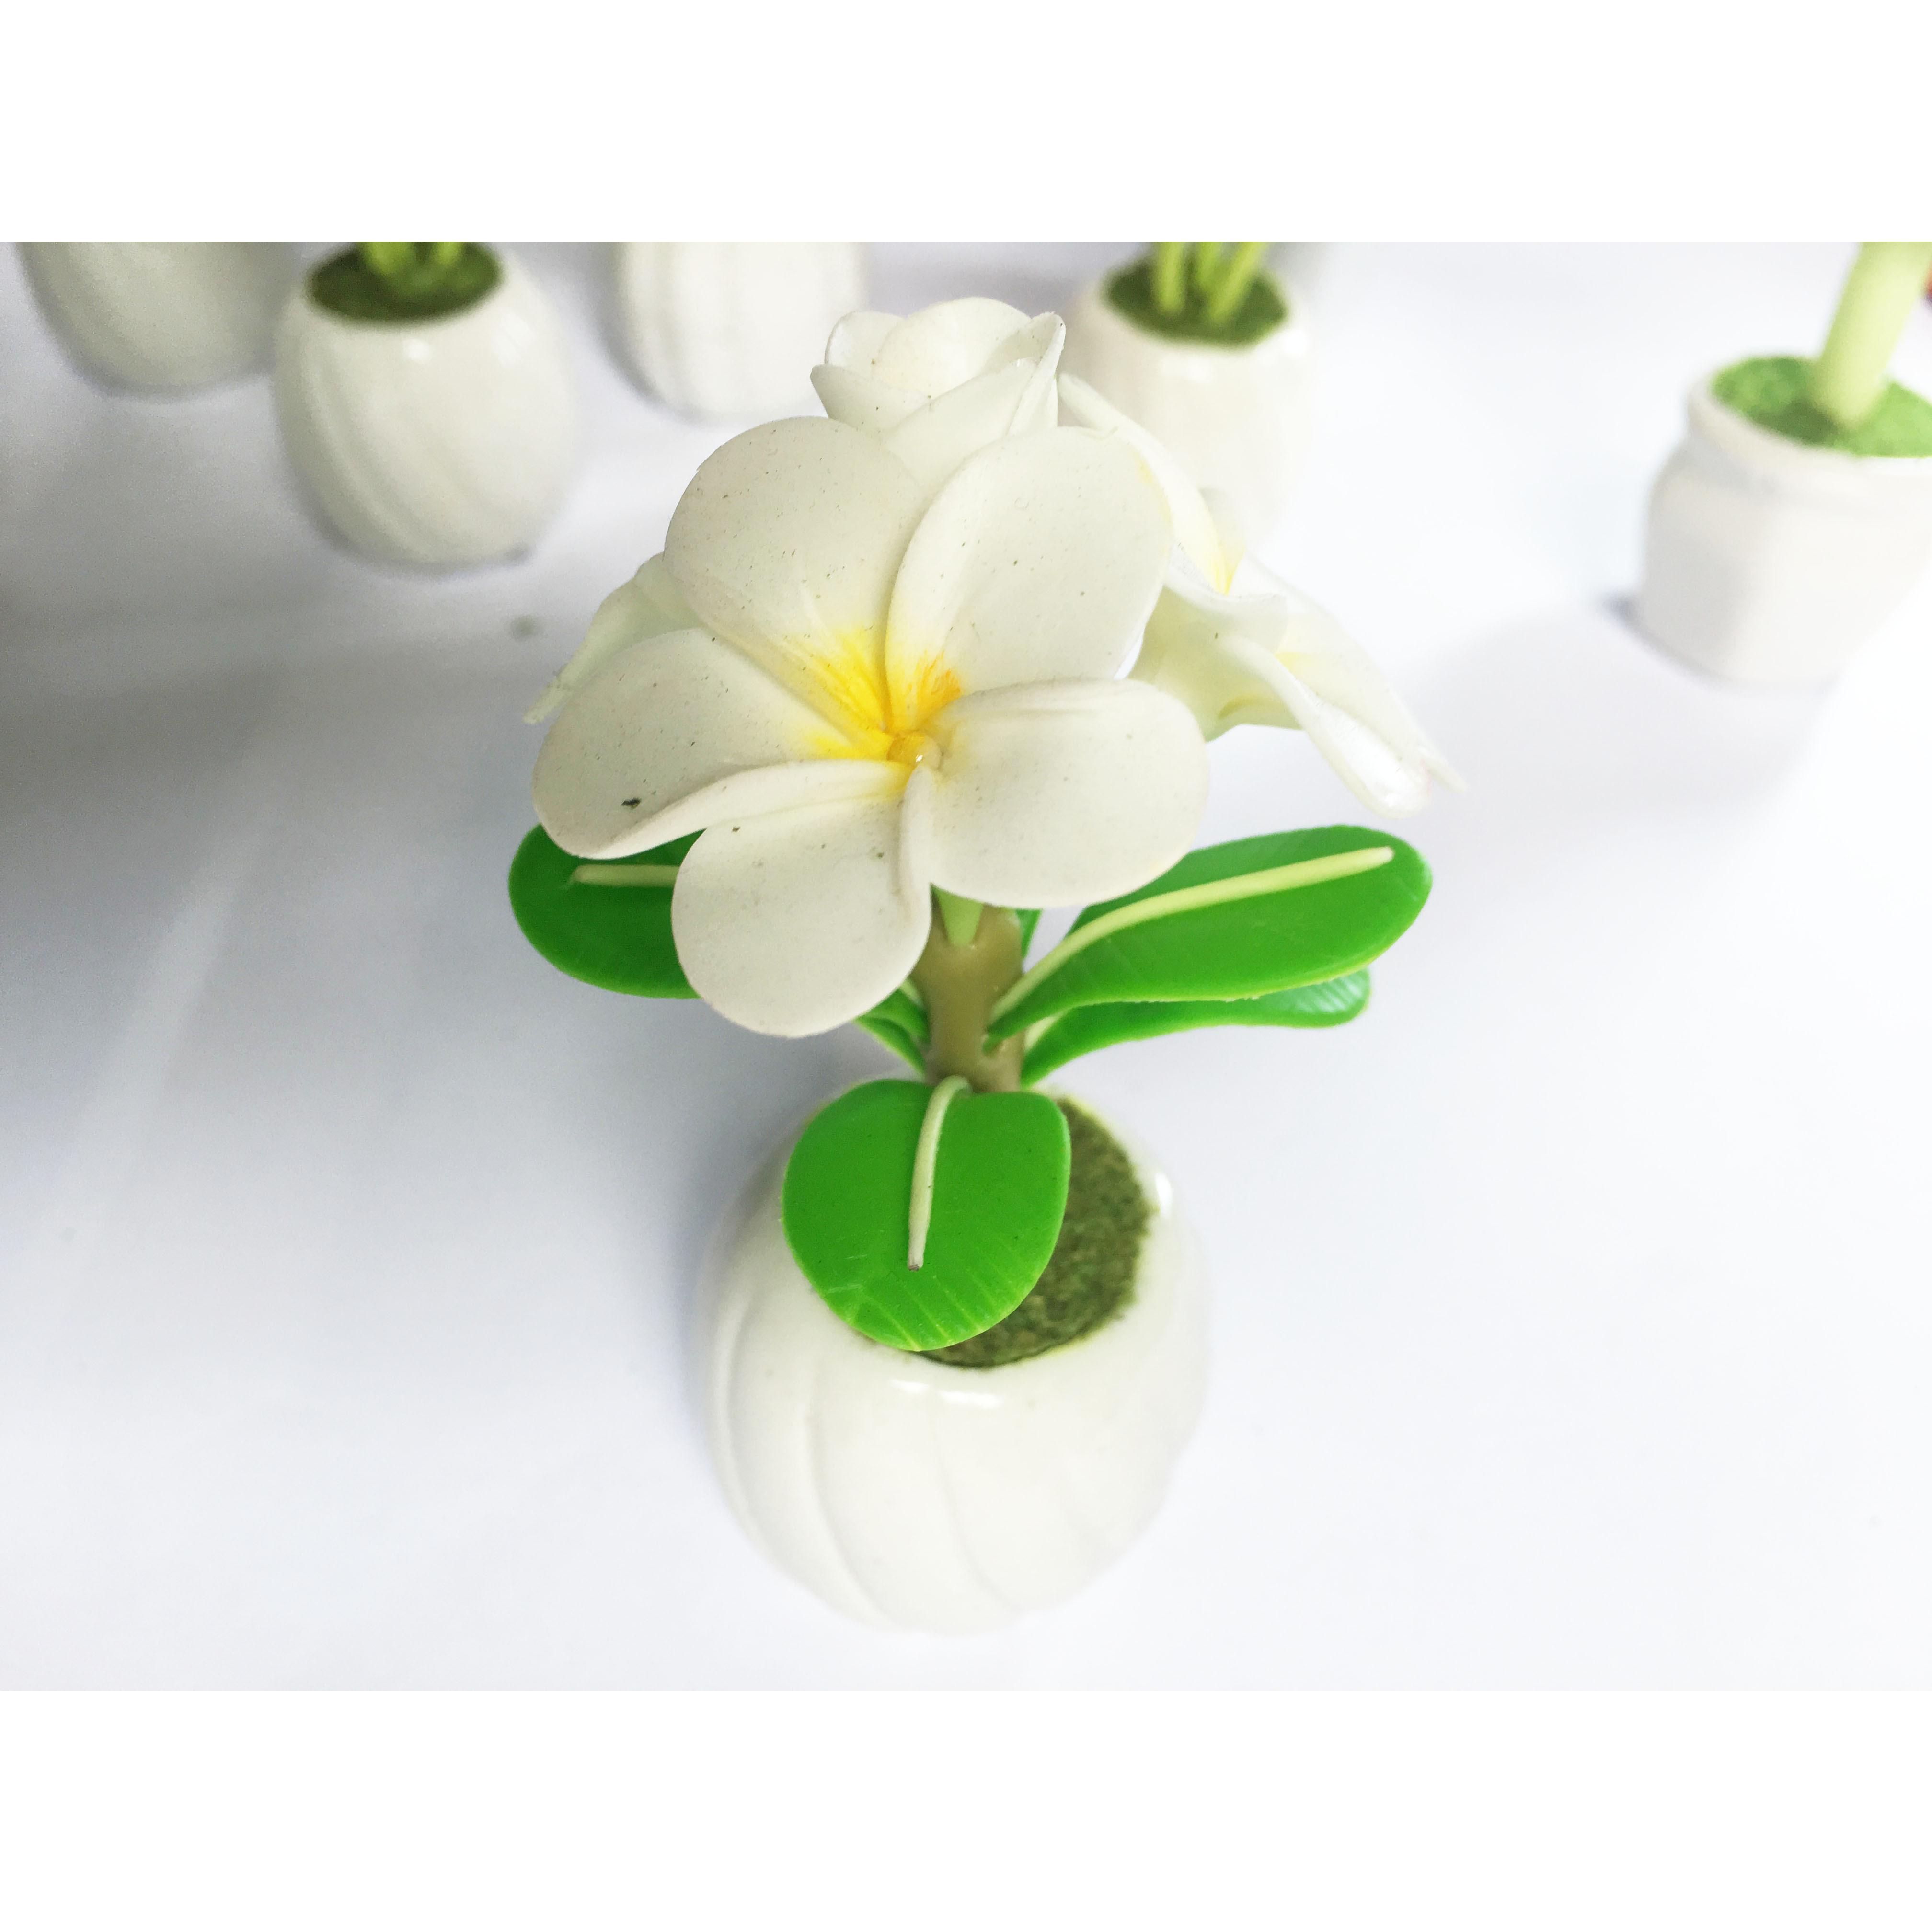 Chậu hoa đất sét mini - Hoa sứ